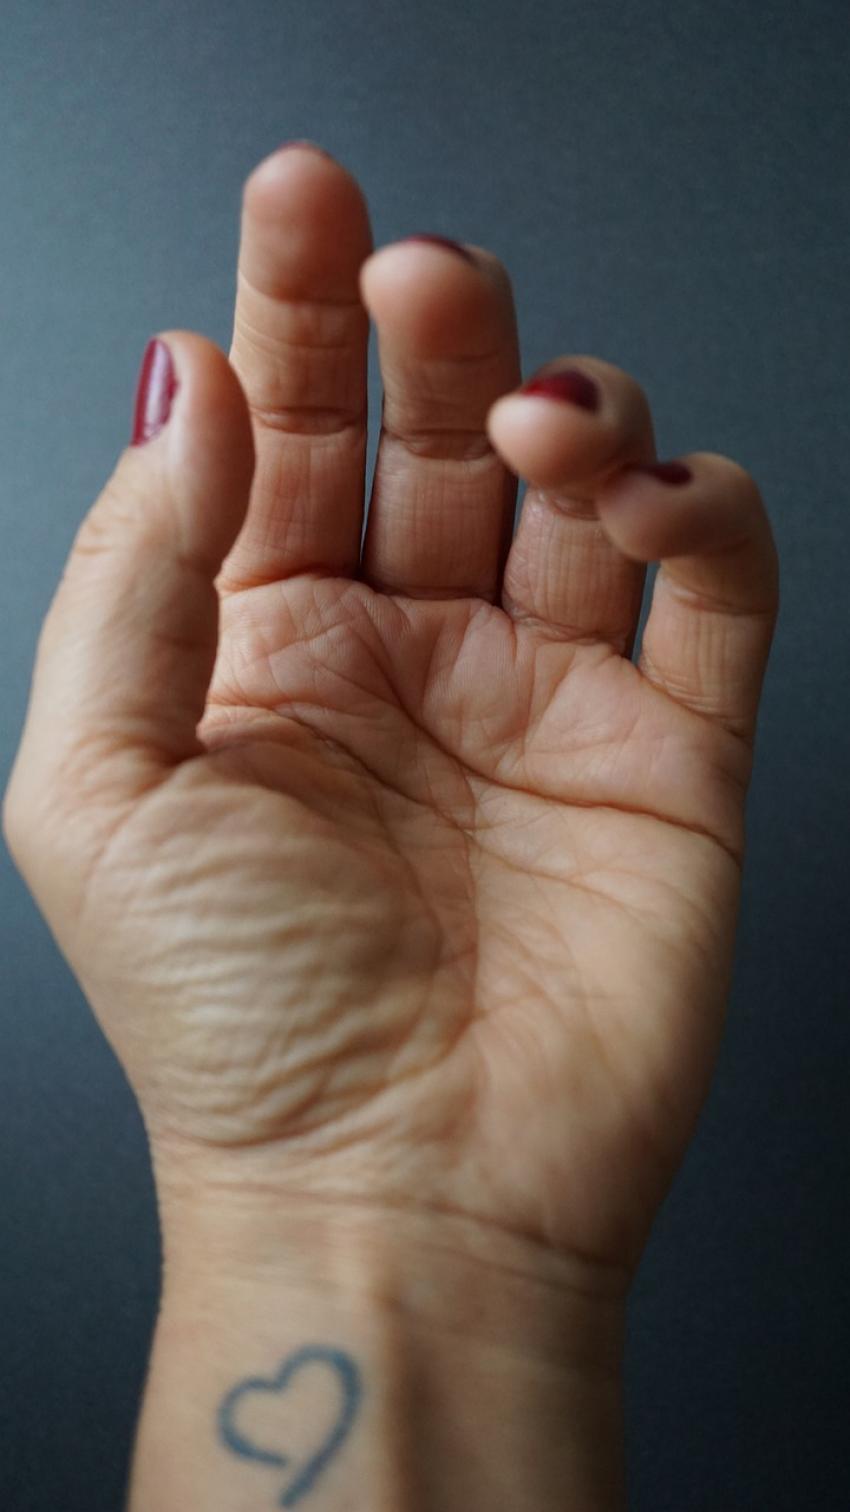 Zapiski życia warte: O dotyku i bliskości